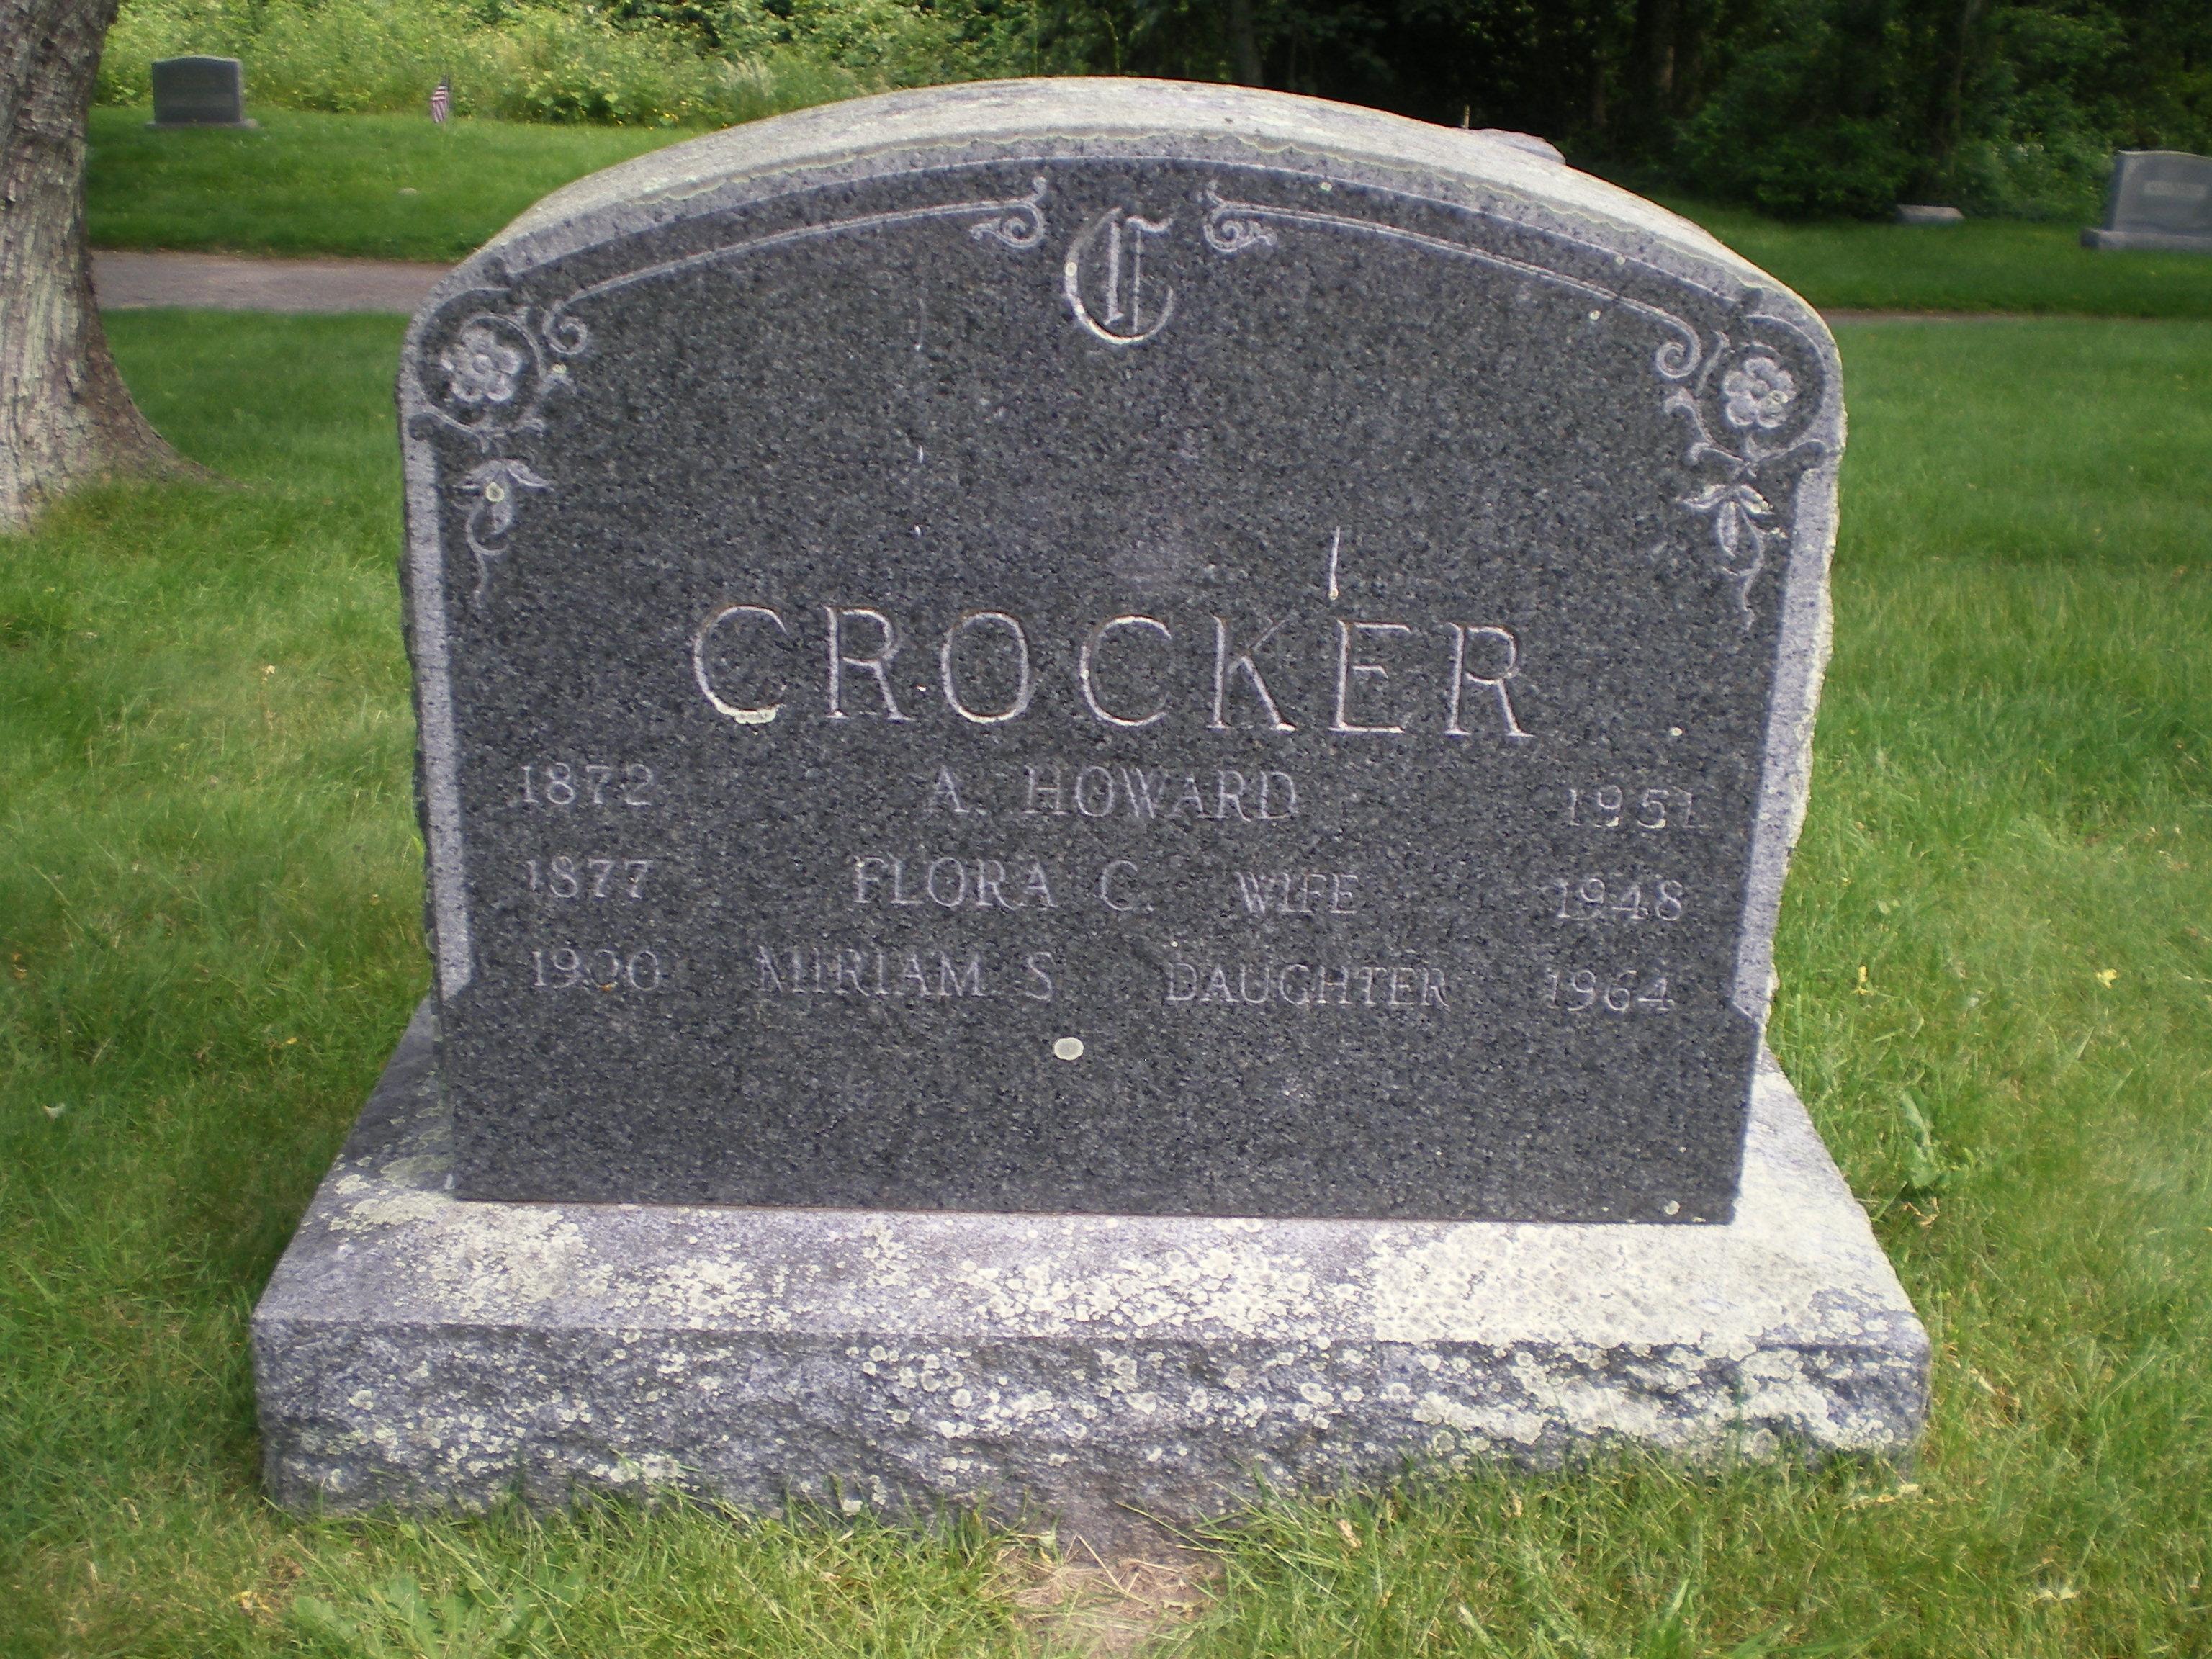 A. Howard Crocker